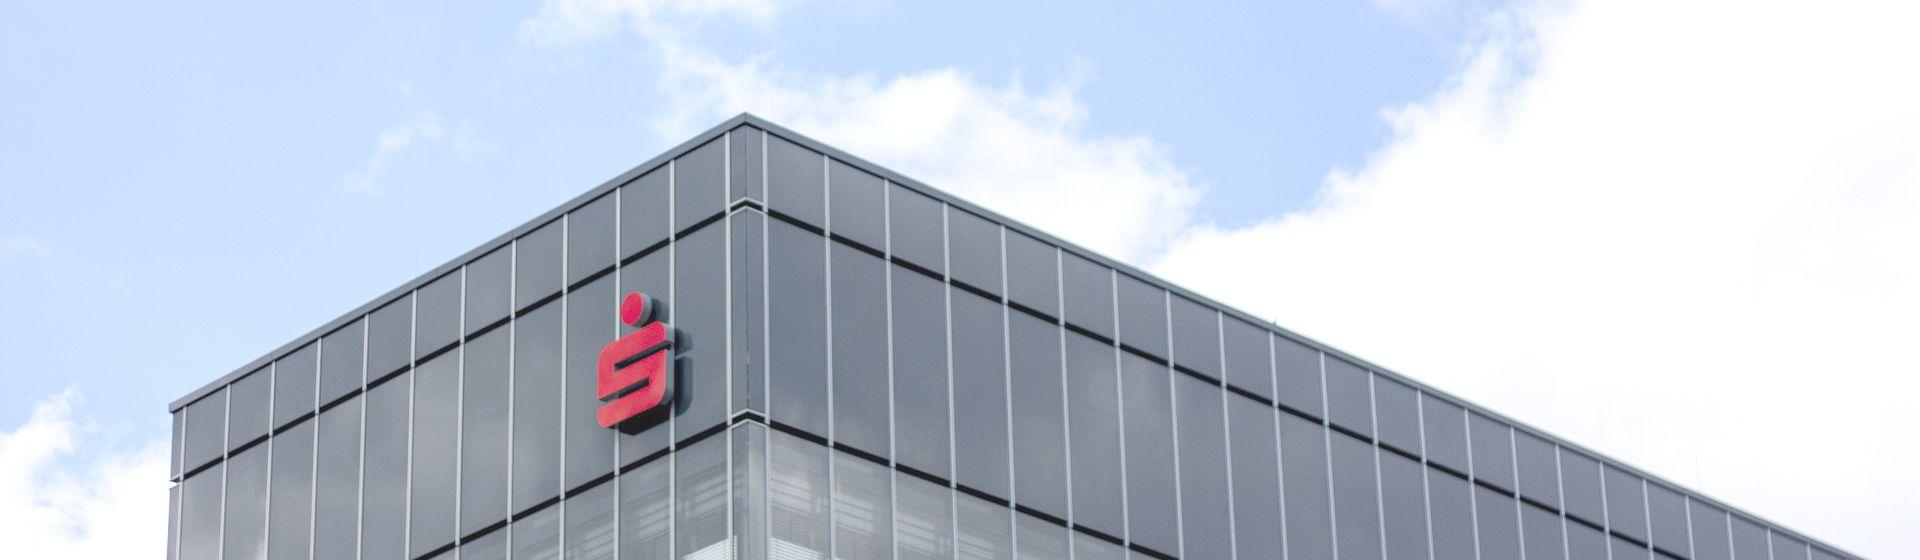 Musterfeststellungsklage gegen Sparkasse Leipzig